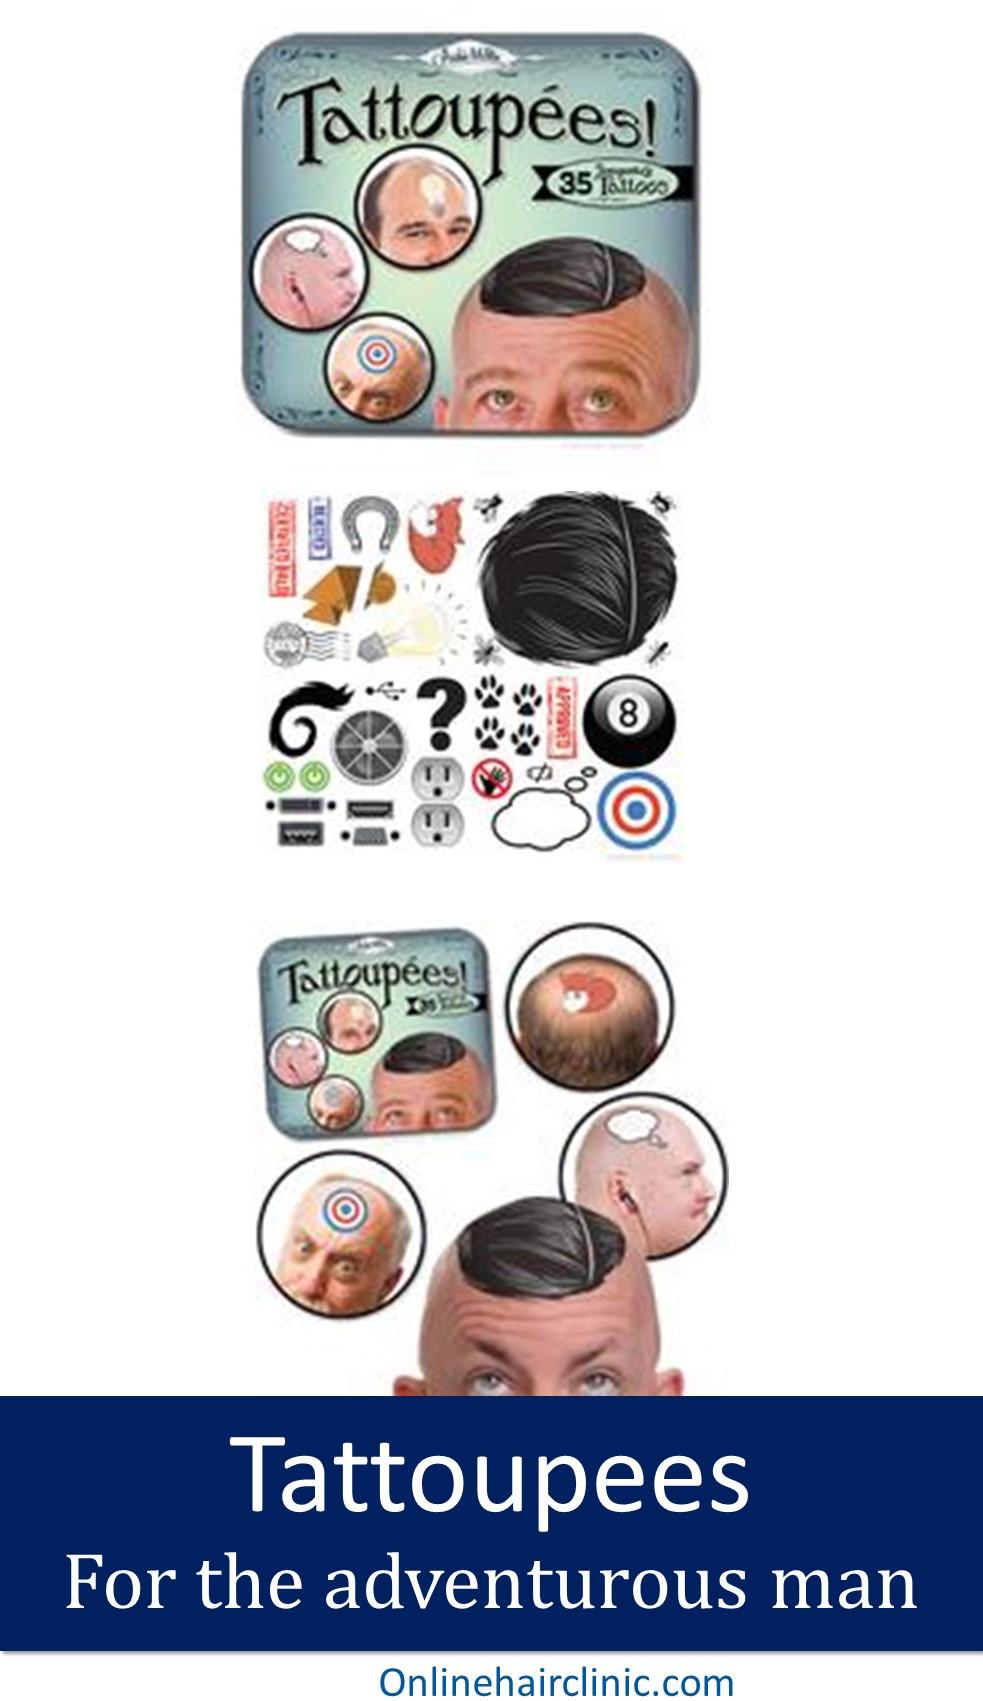 tattoos for baldness